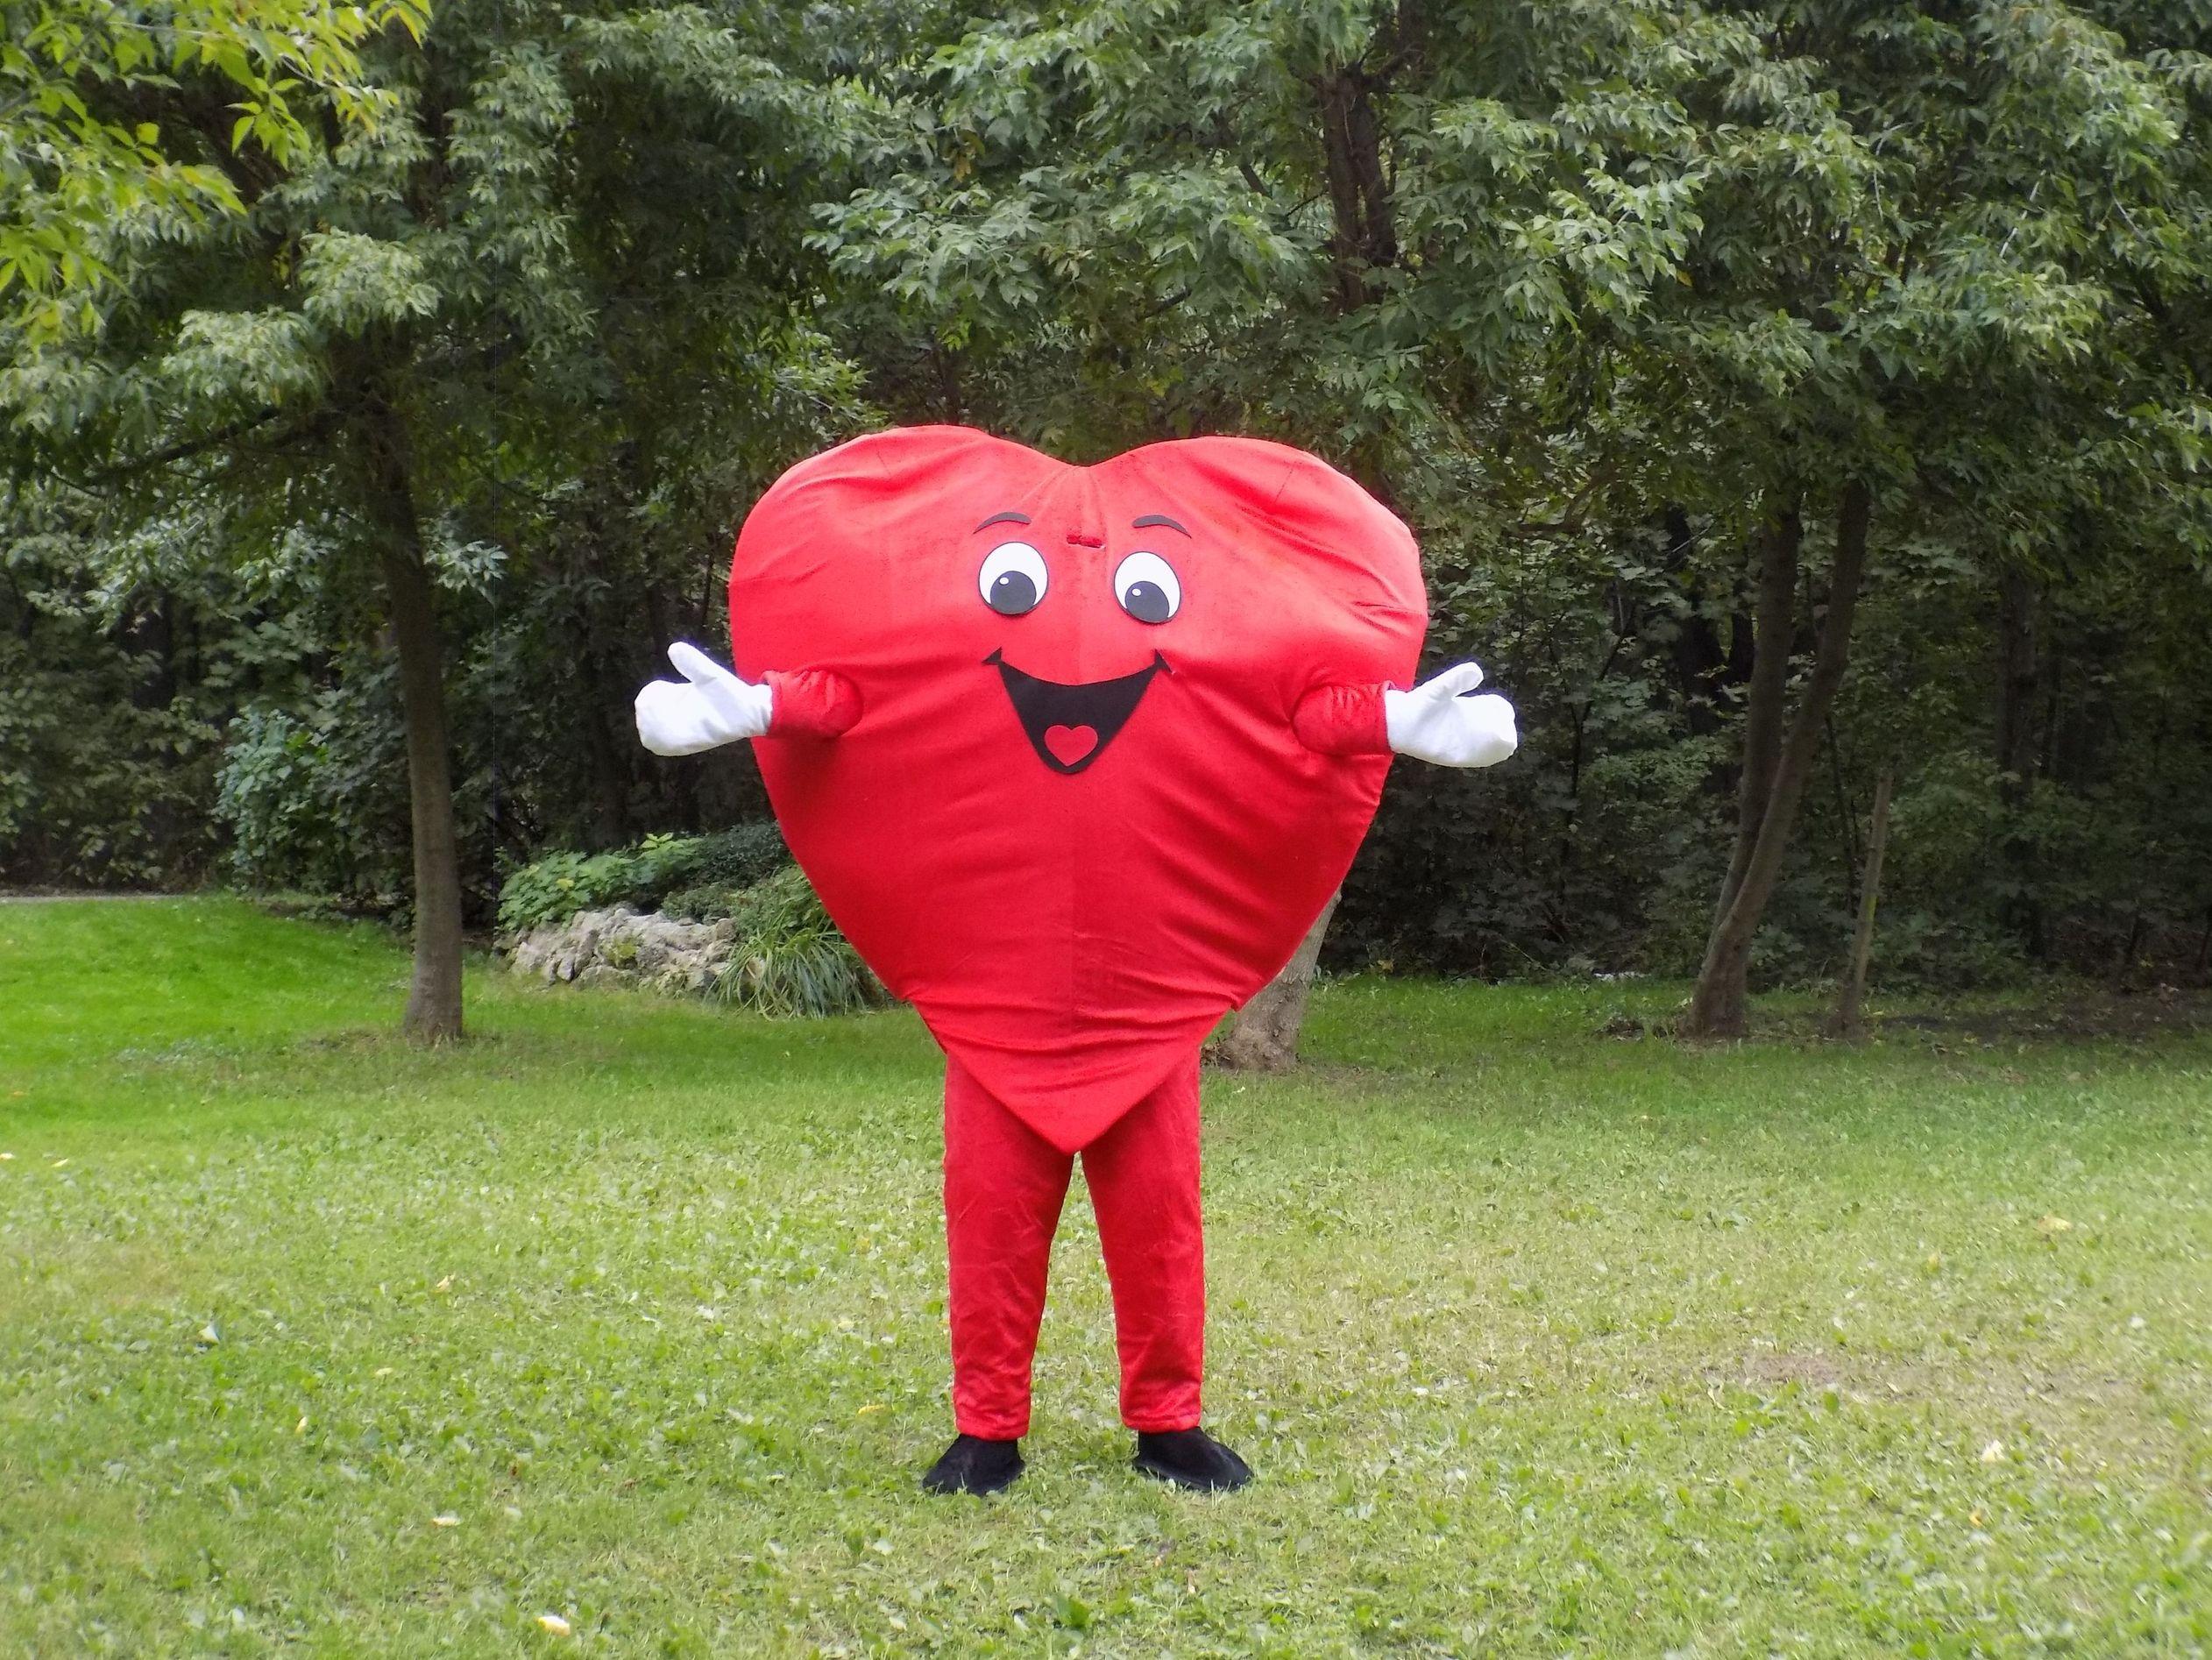 Зажигательное сердце создаст отличное настроение гостям на празднике и приятно удивит Ваших близких.  Предложение руки и сердца, свадьба, сюрприз для второй половины, необычная доставка подарка.   Kvantil Event поможет Вам организовать:  - детский праздник  - необычное поздравление близкому человеку  - семейный праздник  - корпоративное мероприятие  ═════════════════════  По вопросам организации мероприятий:  +7(916)074-64-64  http://kvantile.ru ═════════════════════